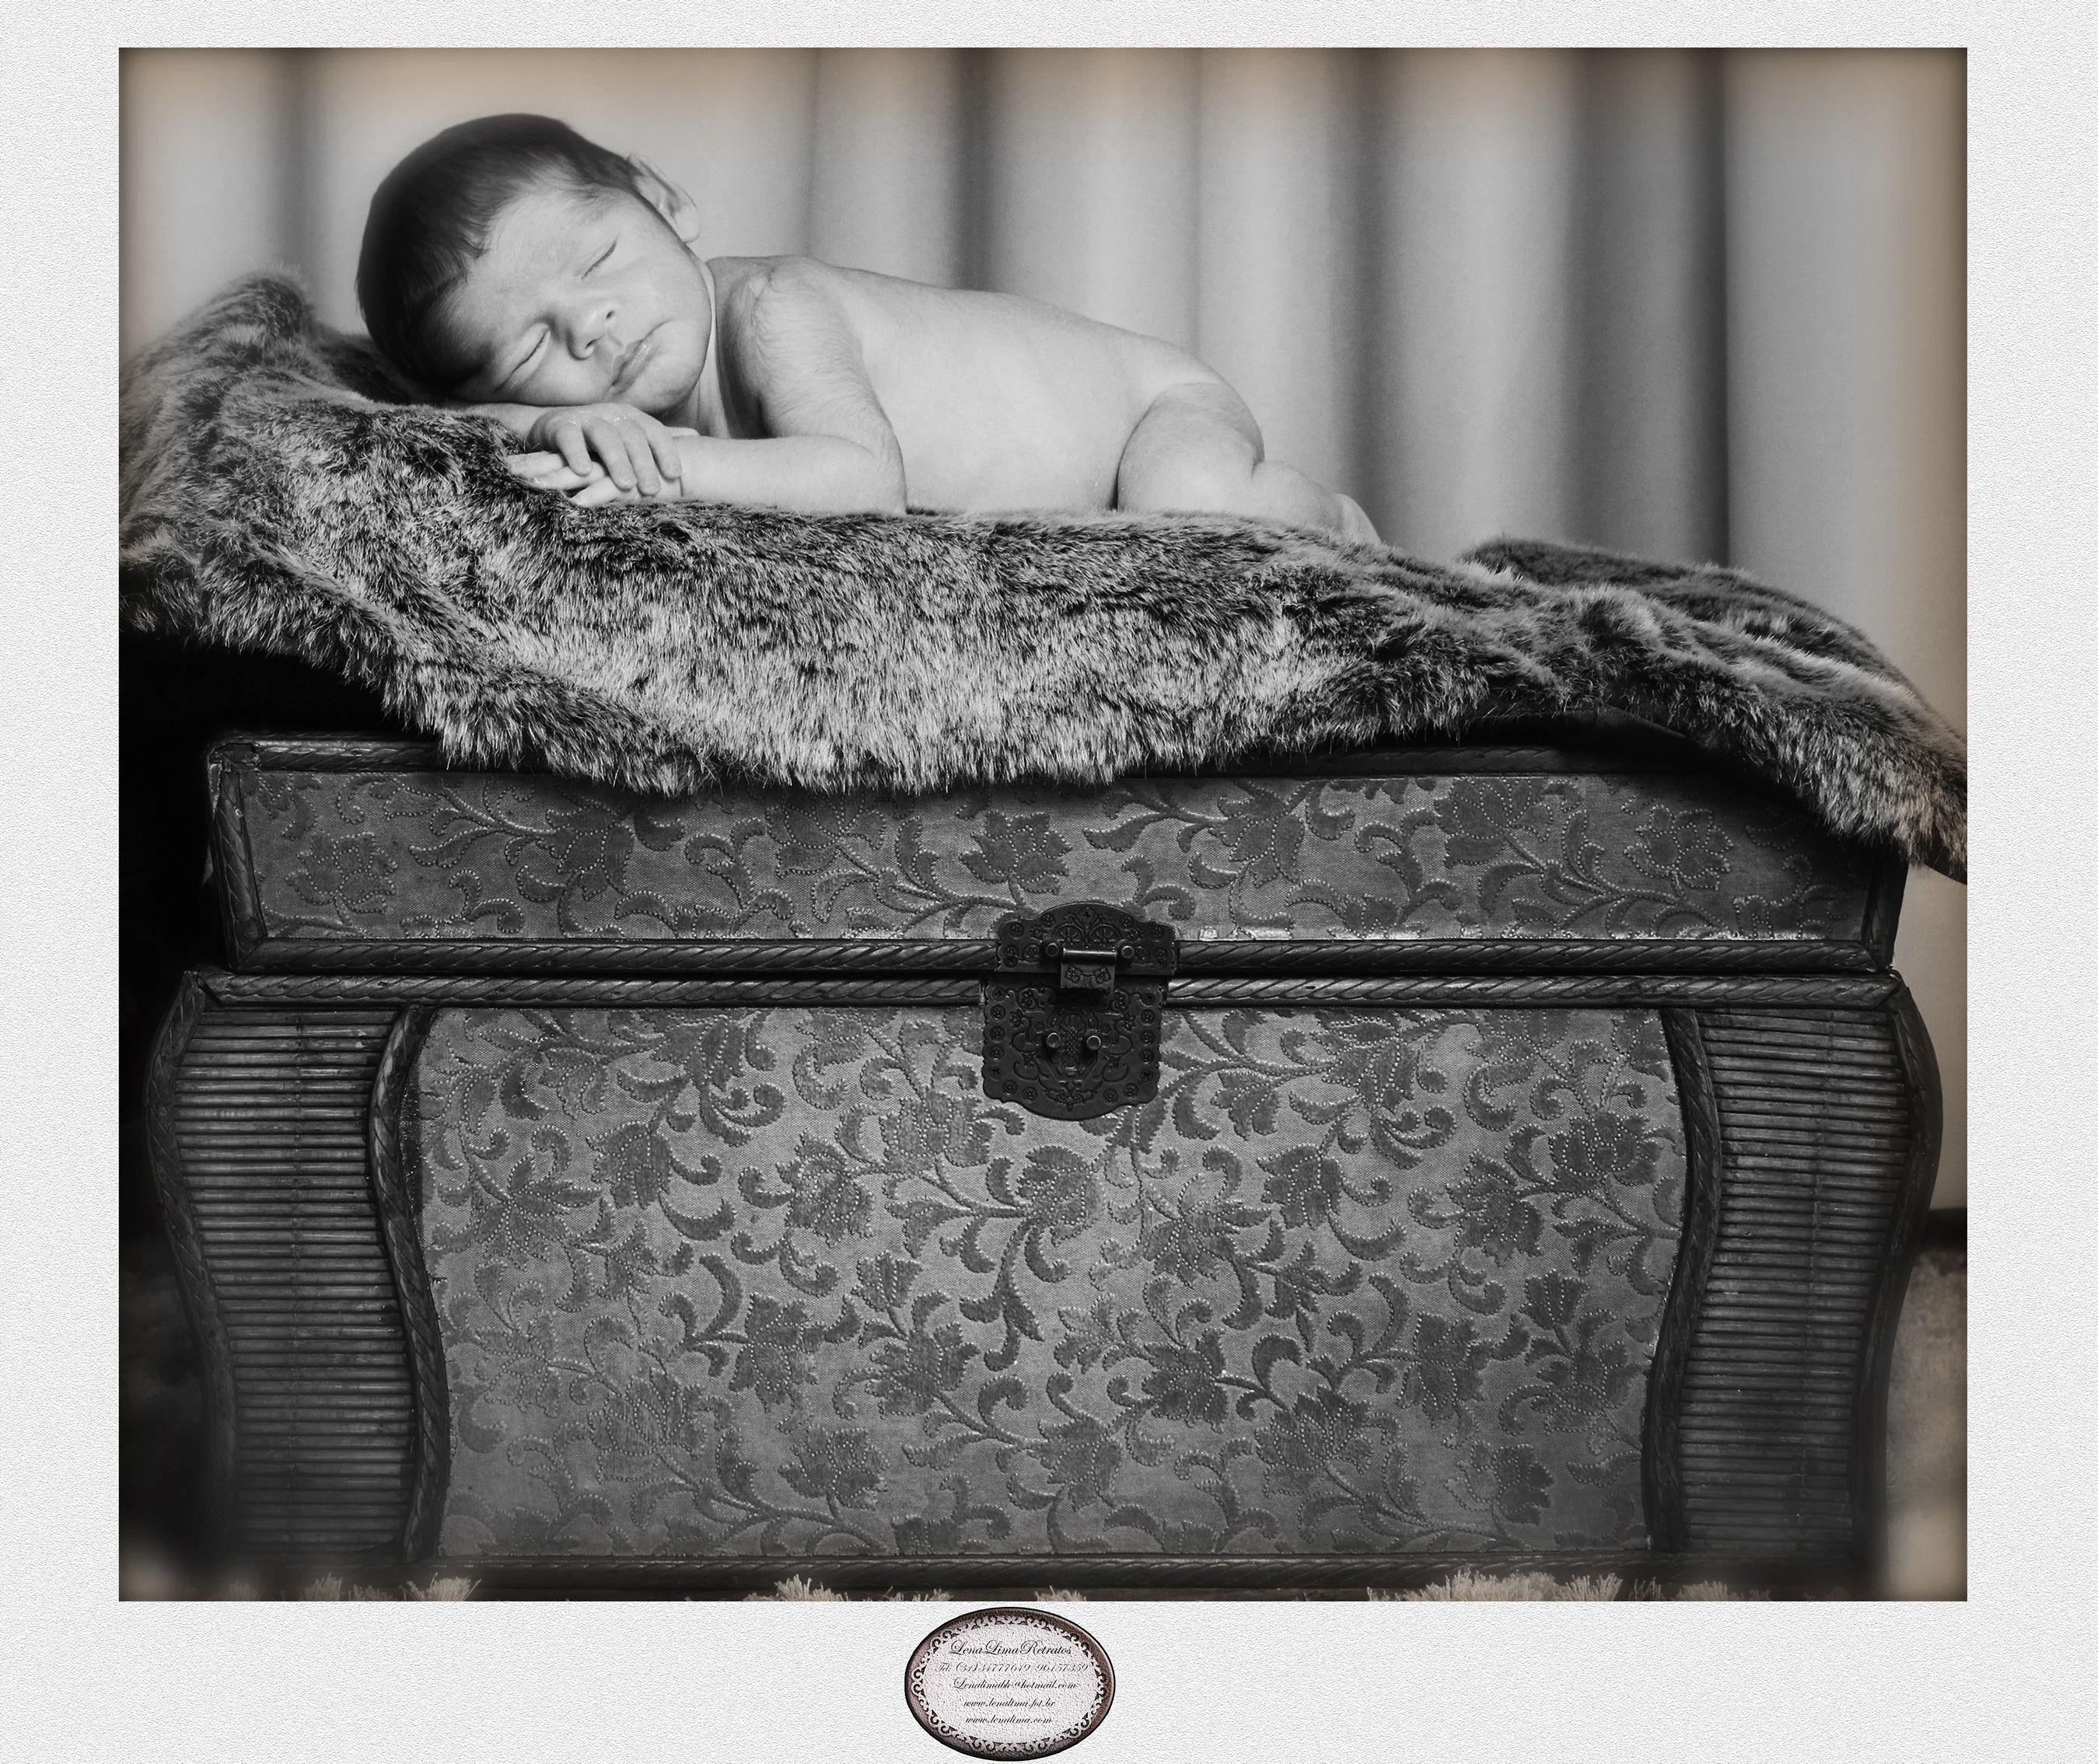 lena lima,fotografa em Belo Horizonte/MG/Brasil FotografadefamiliasemBeloHorizonte/Albumdefamilia/Bookdefamiliaegestante/Lenalima fotografa de gestantesefamilias,gestantes,bebes,newborn,animais,casamentos e aniversarios em Belo Horizonte WWW.LENALIMA.FOT.BR